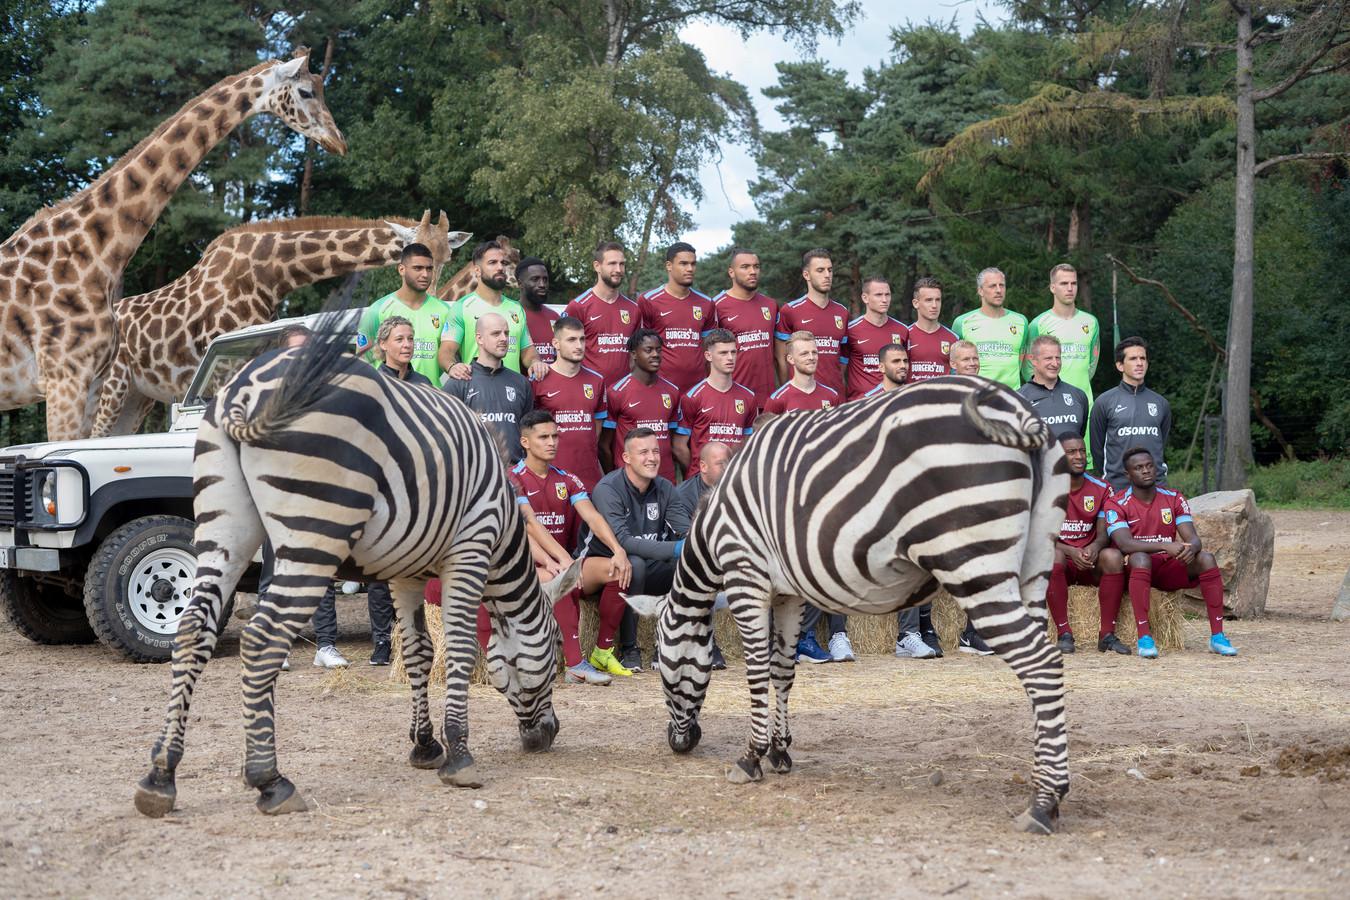 De zebra's van Burgers' Zoo lijken zich niet bewust van de fotosessie met de selectie van Vitesse in het safaripark.